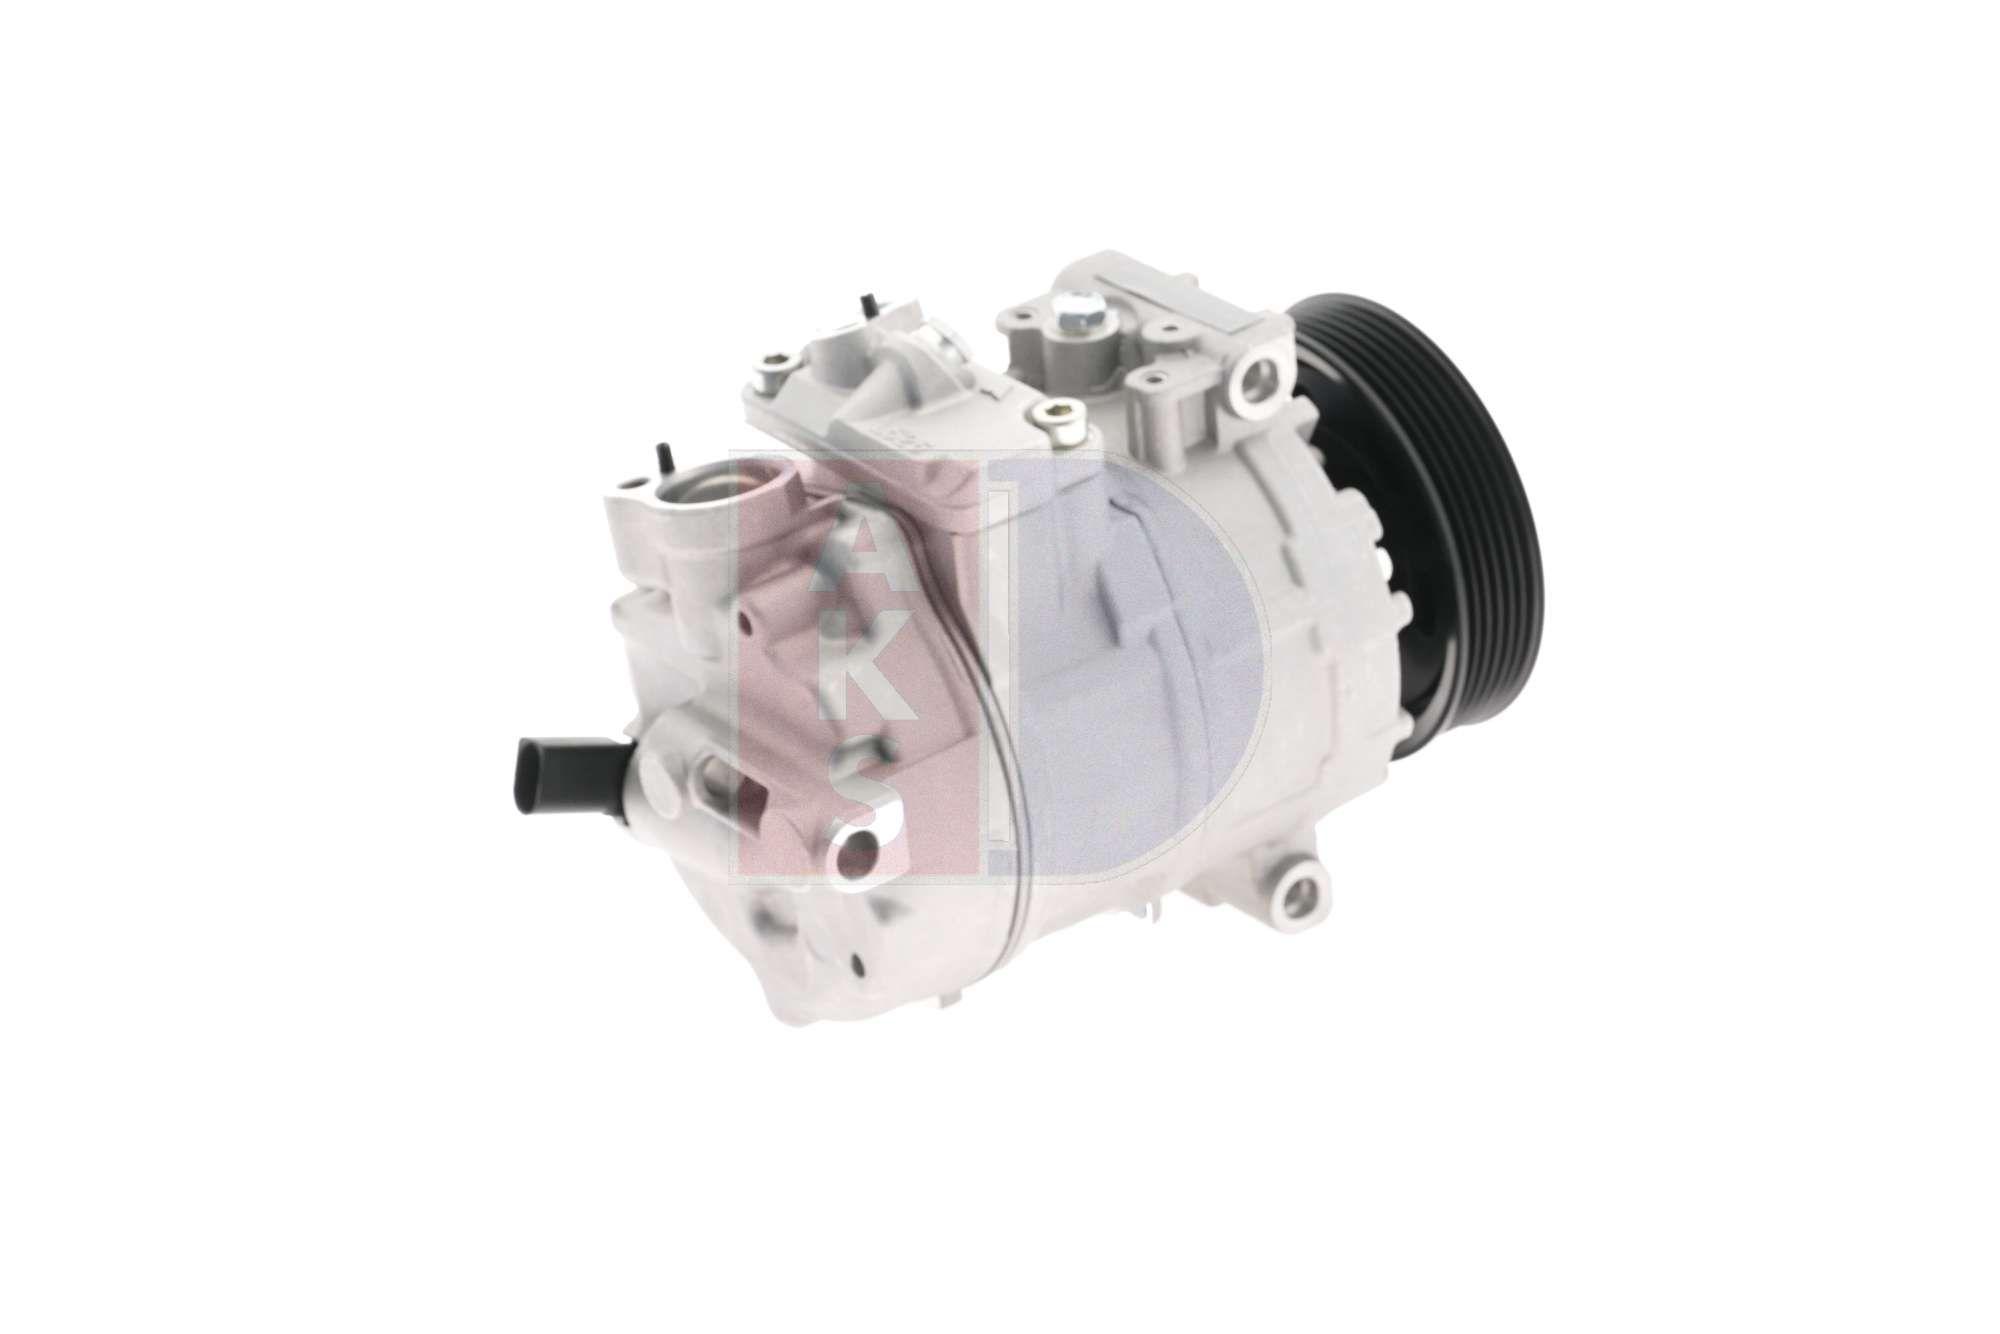 850682N Klimakompressor AKS DASIS in Original Qualität